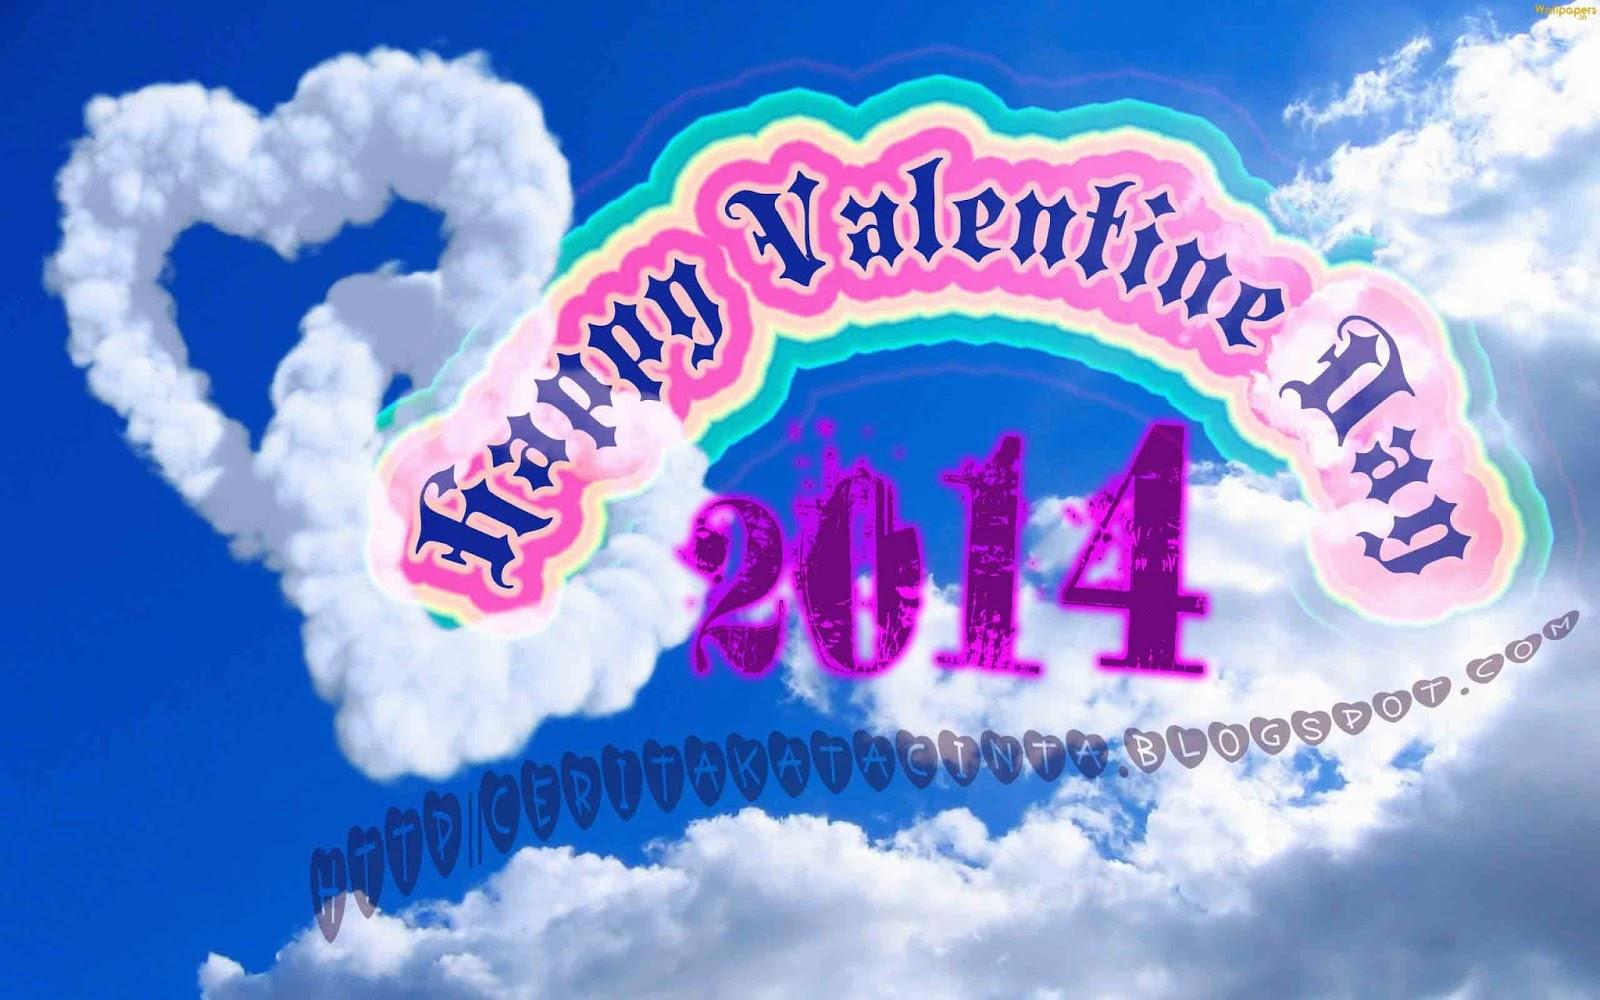 Kumpulan Kata Romantis Ucapan Selamat Hari Valentine 2015